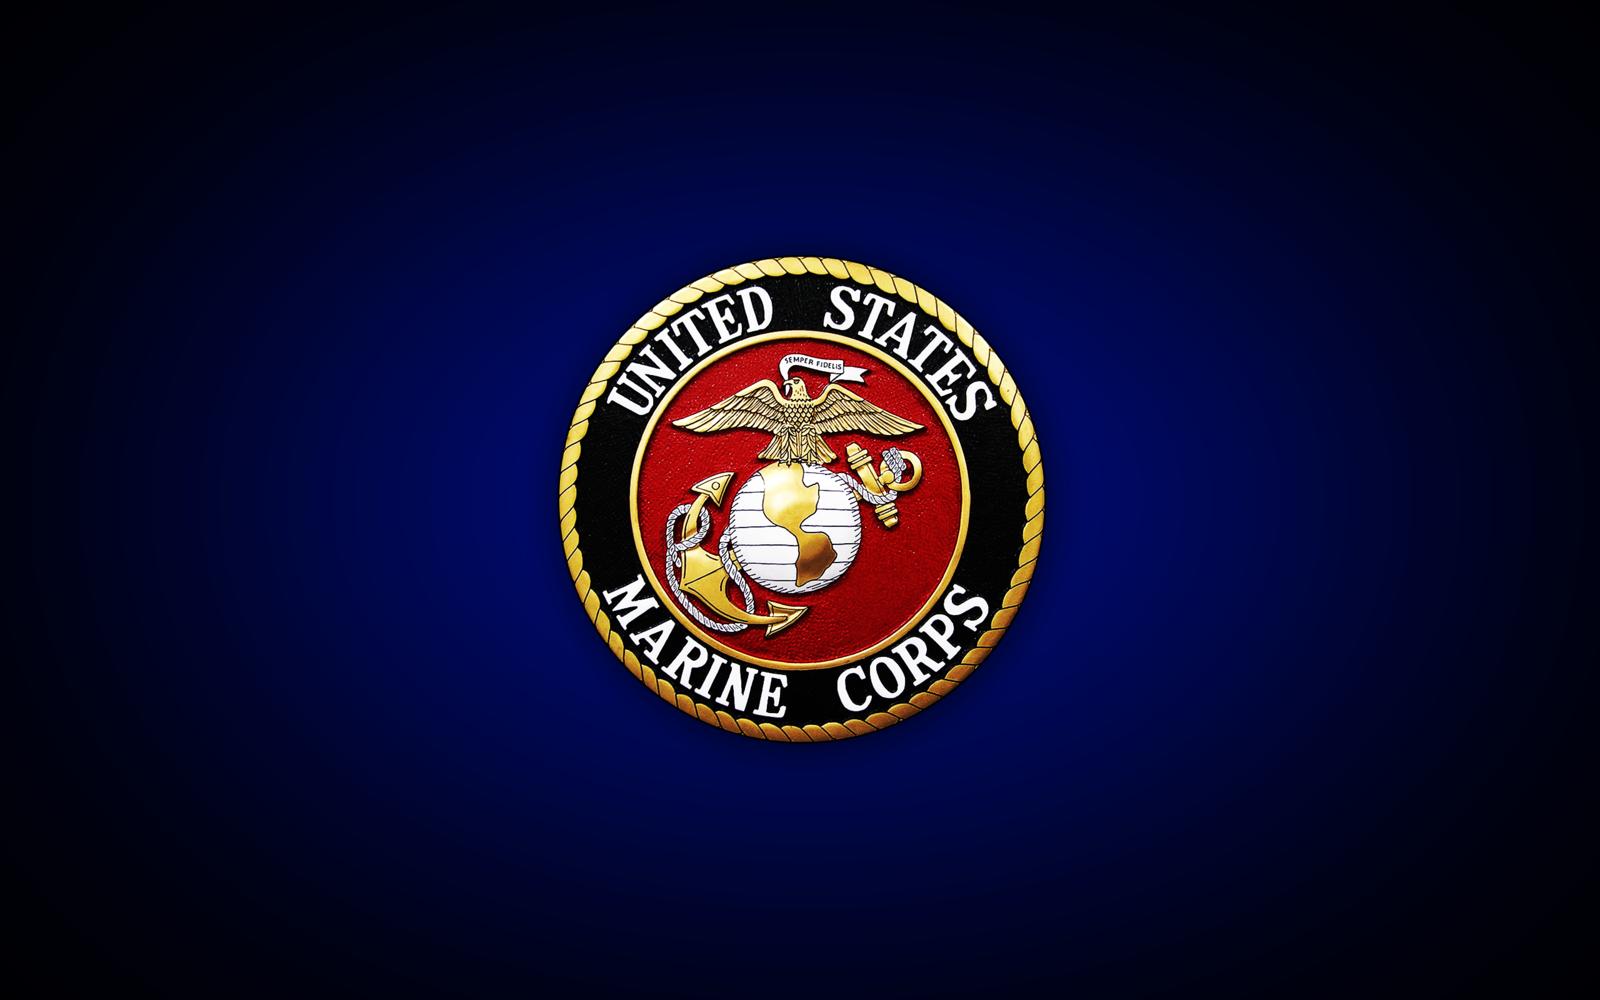 Cool Marine Backgrounds Usmc united states marine 1600x1000